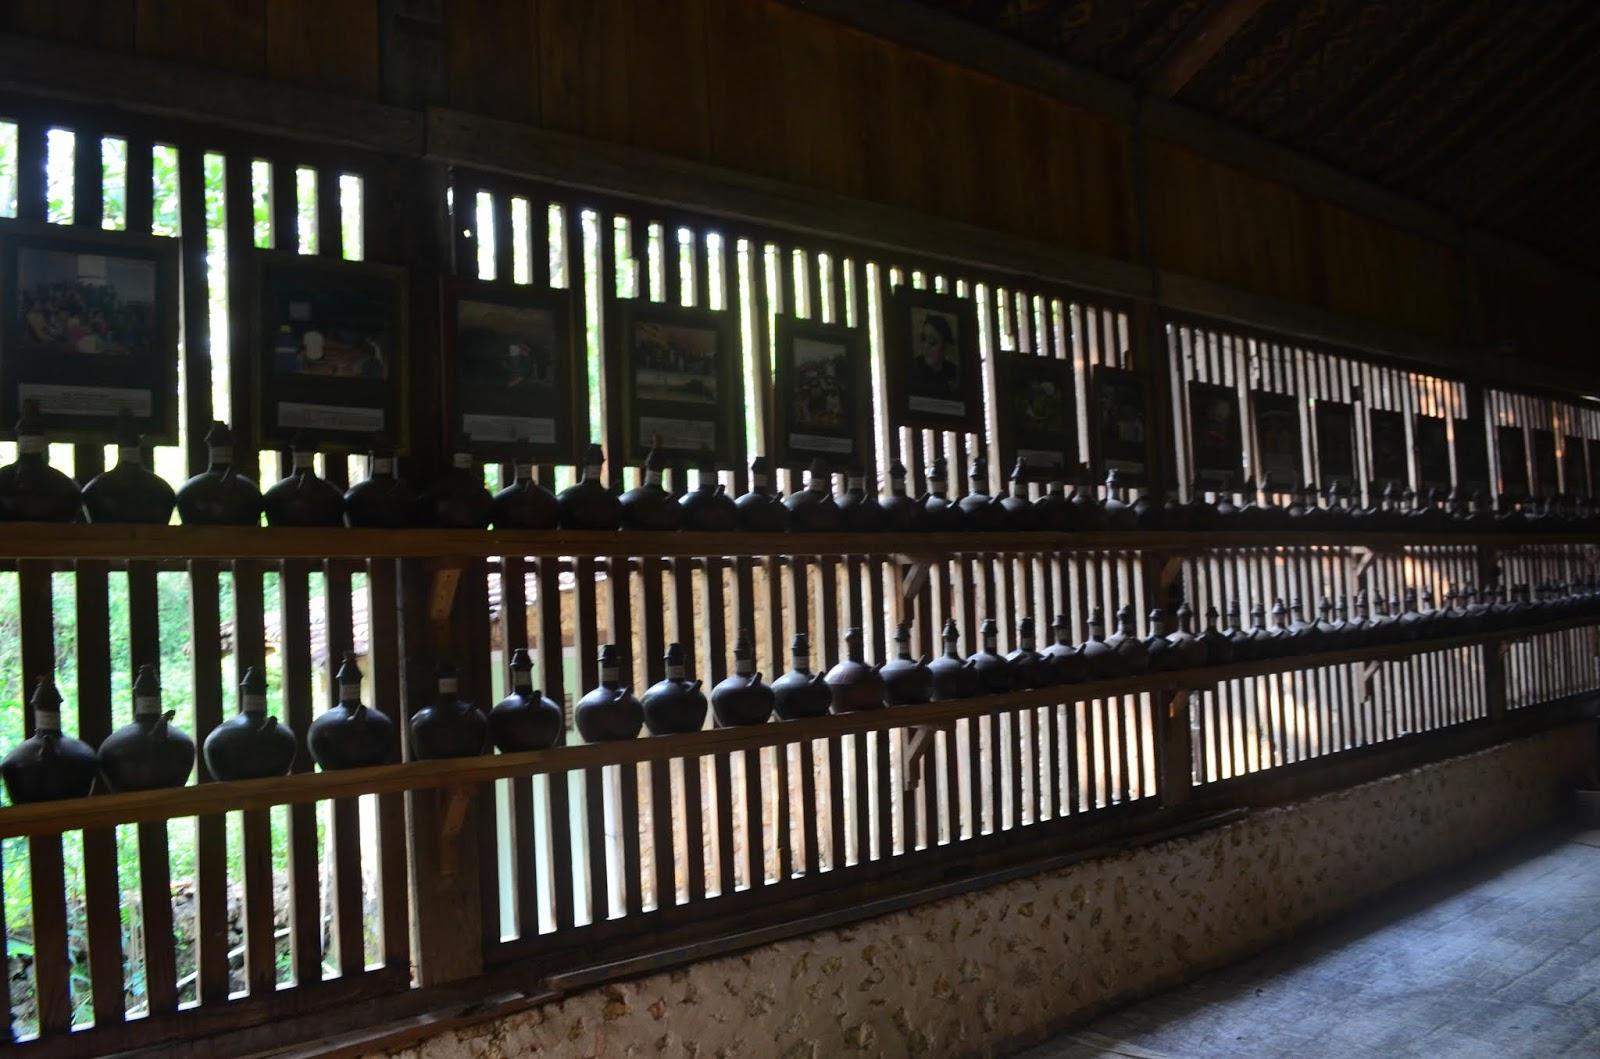 Di masa digital yg hanya melalui gadget ditangan setiap orang sanggup dengan gampang mendapatka Tempat Wisata Terbaik Yang Ada Di Indonesia: Ini Alasan Bali dan Jogja Menjadi Destinasi Favorit di Indonesia.?